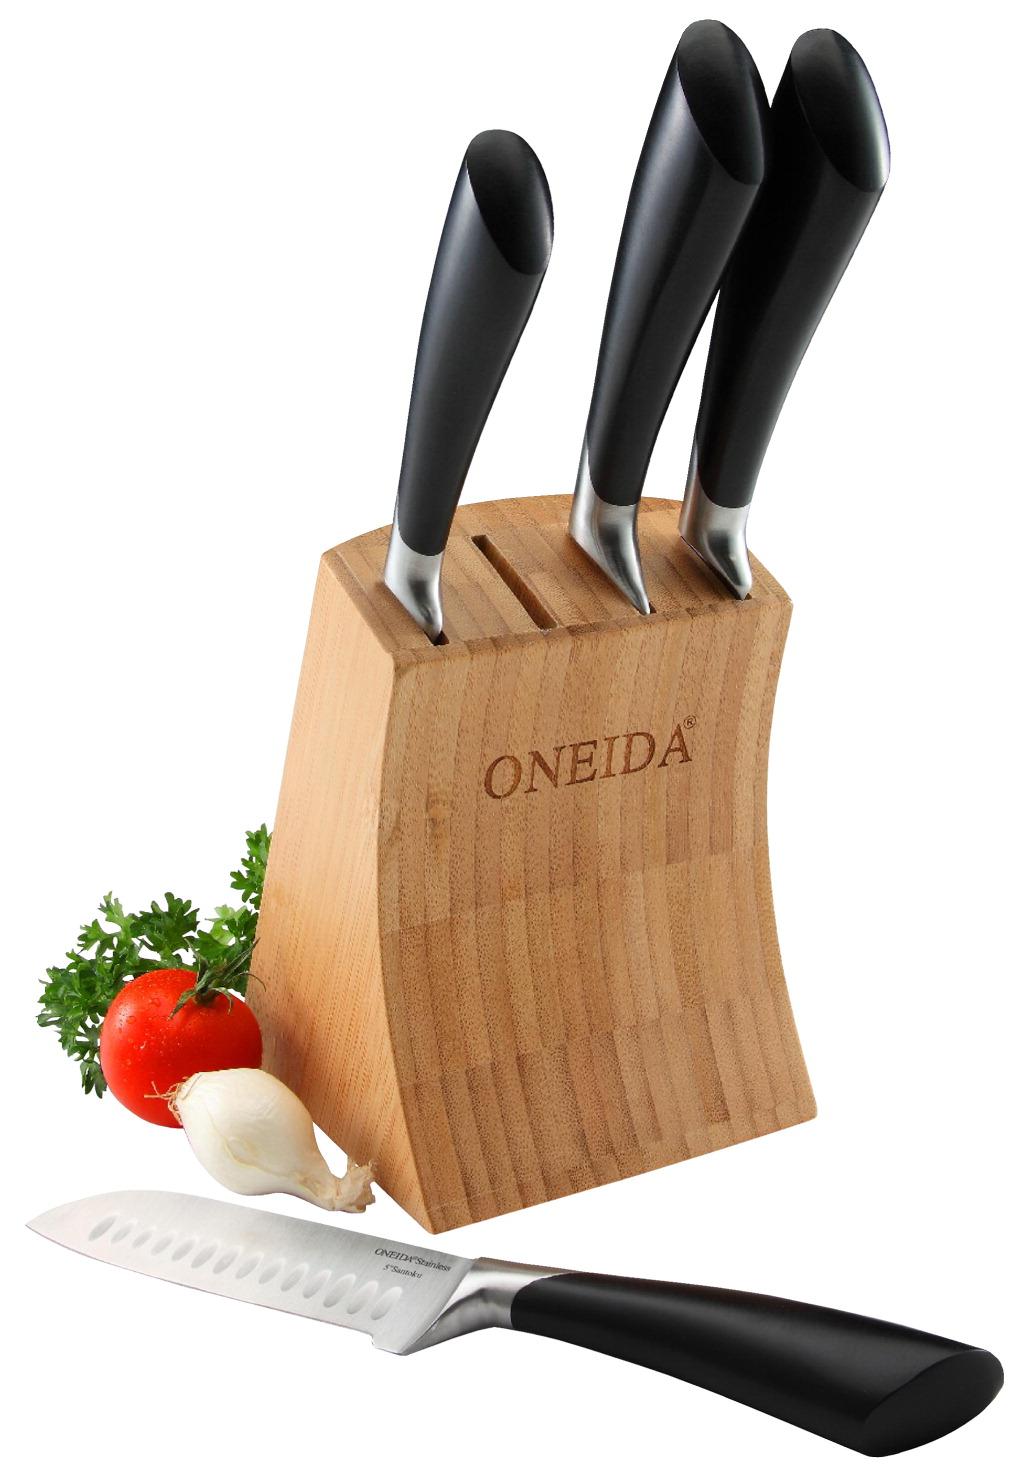 Oneida 5 Piece Prep Cutlery Set School Specialty Marketplace